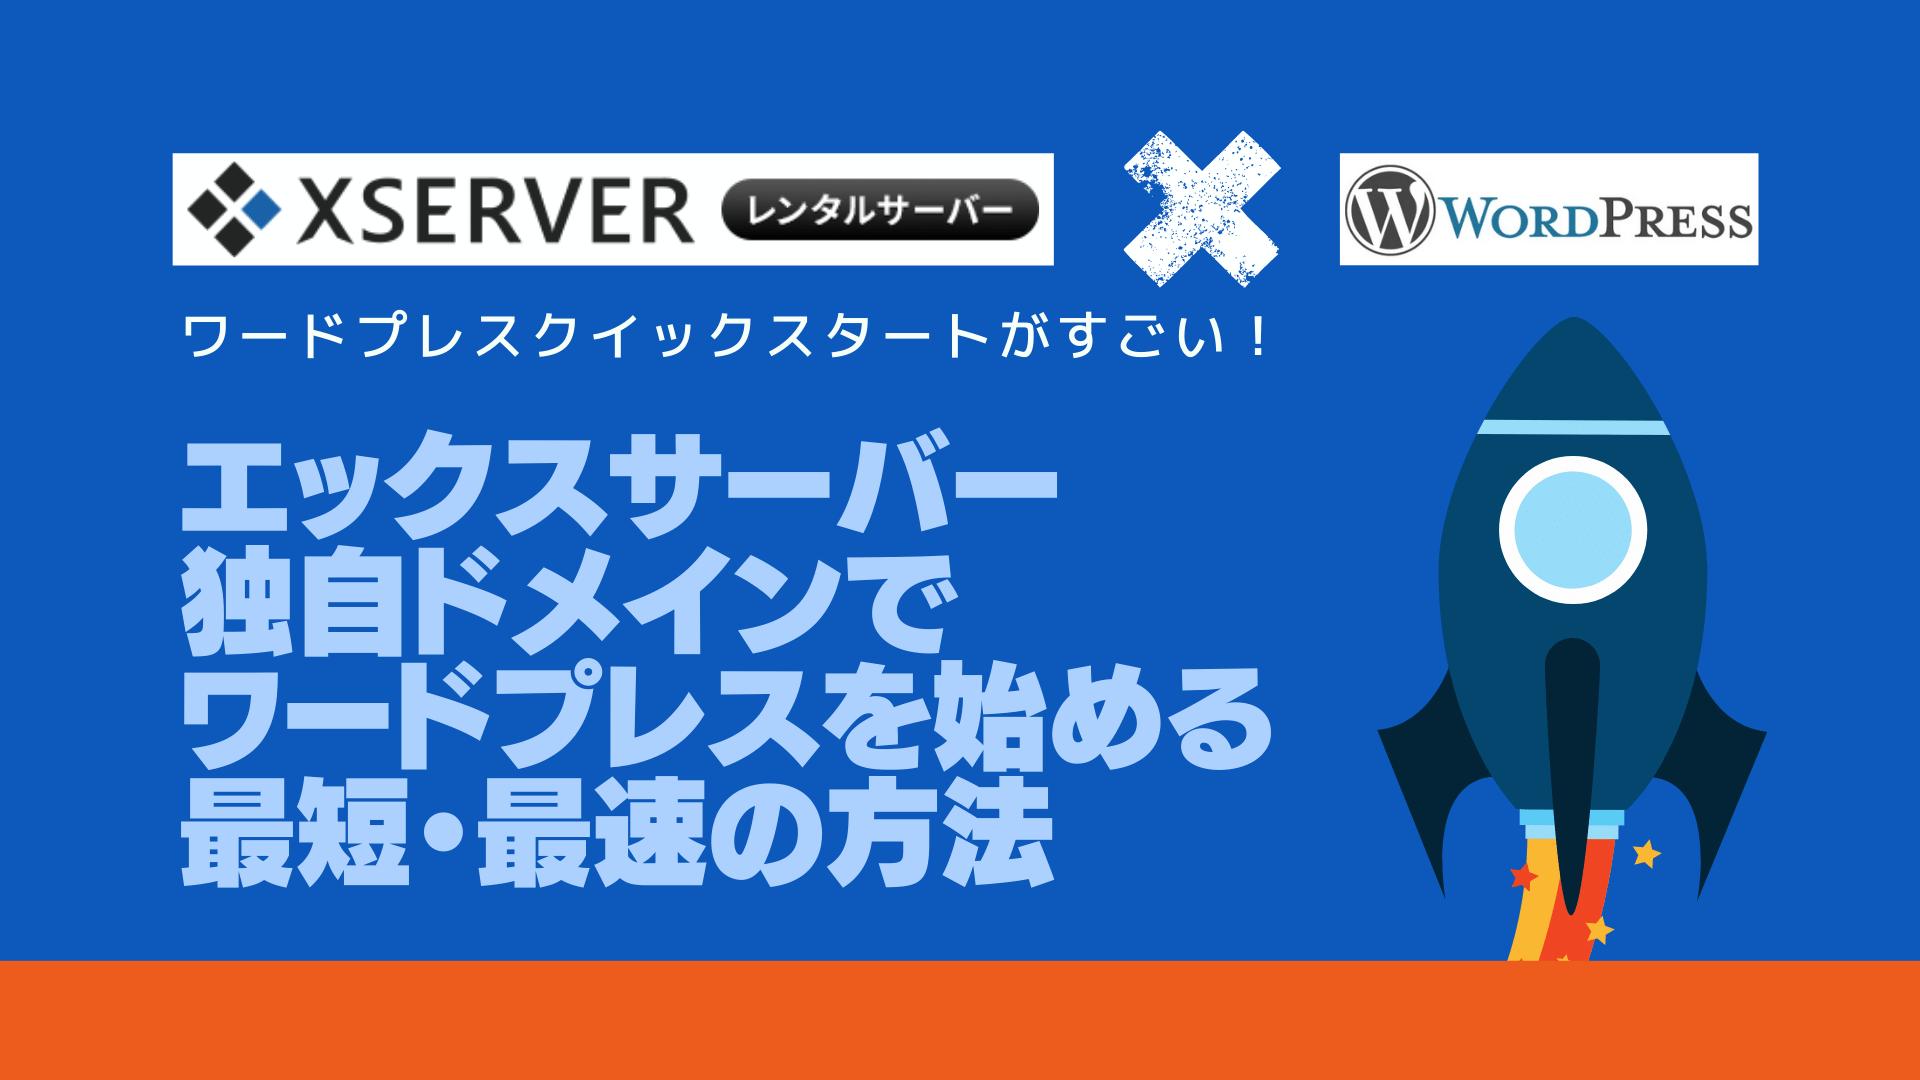 エックスサーバー・独自ドメインでワードプレスを始める最短の方法